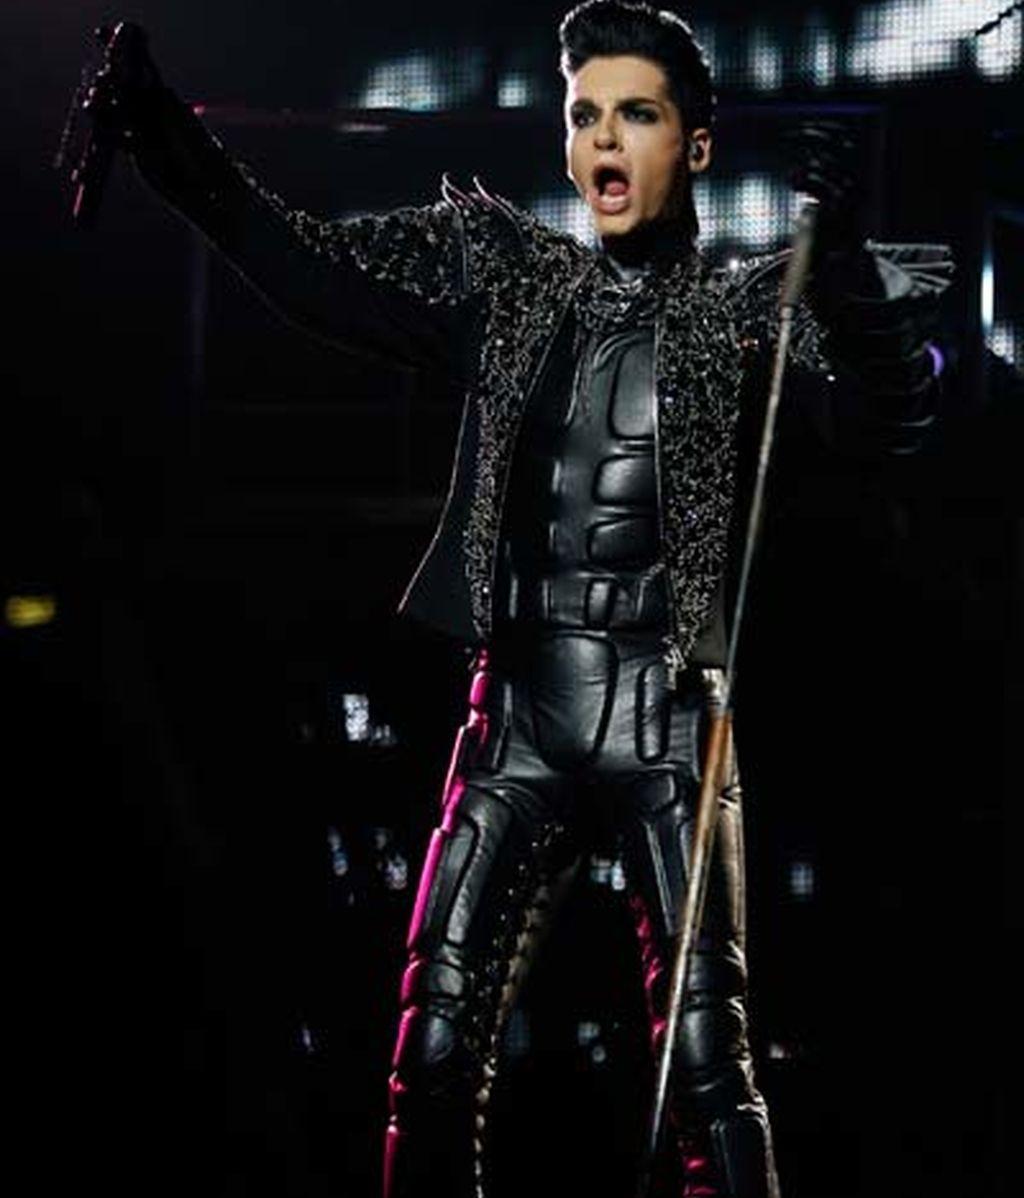 Bill Kaulitz, de Tokio Hotel, ¿demasiado delgado?